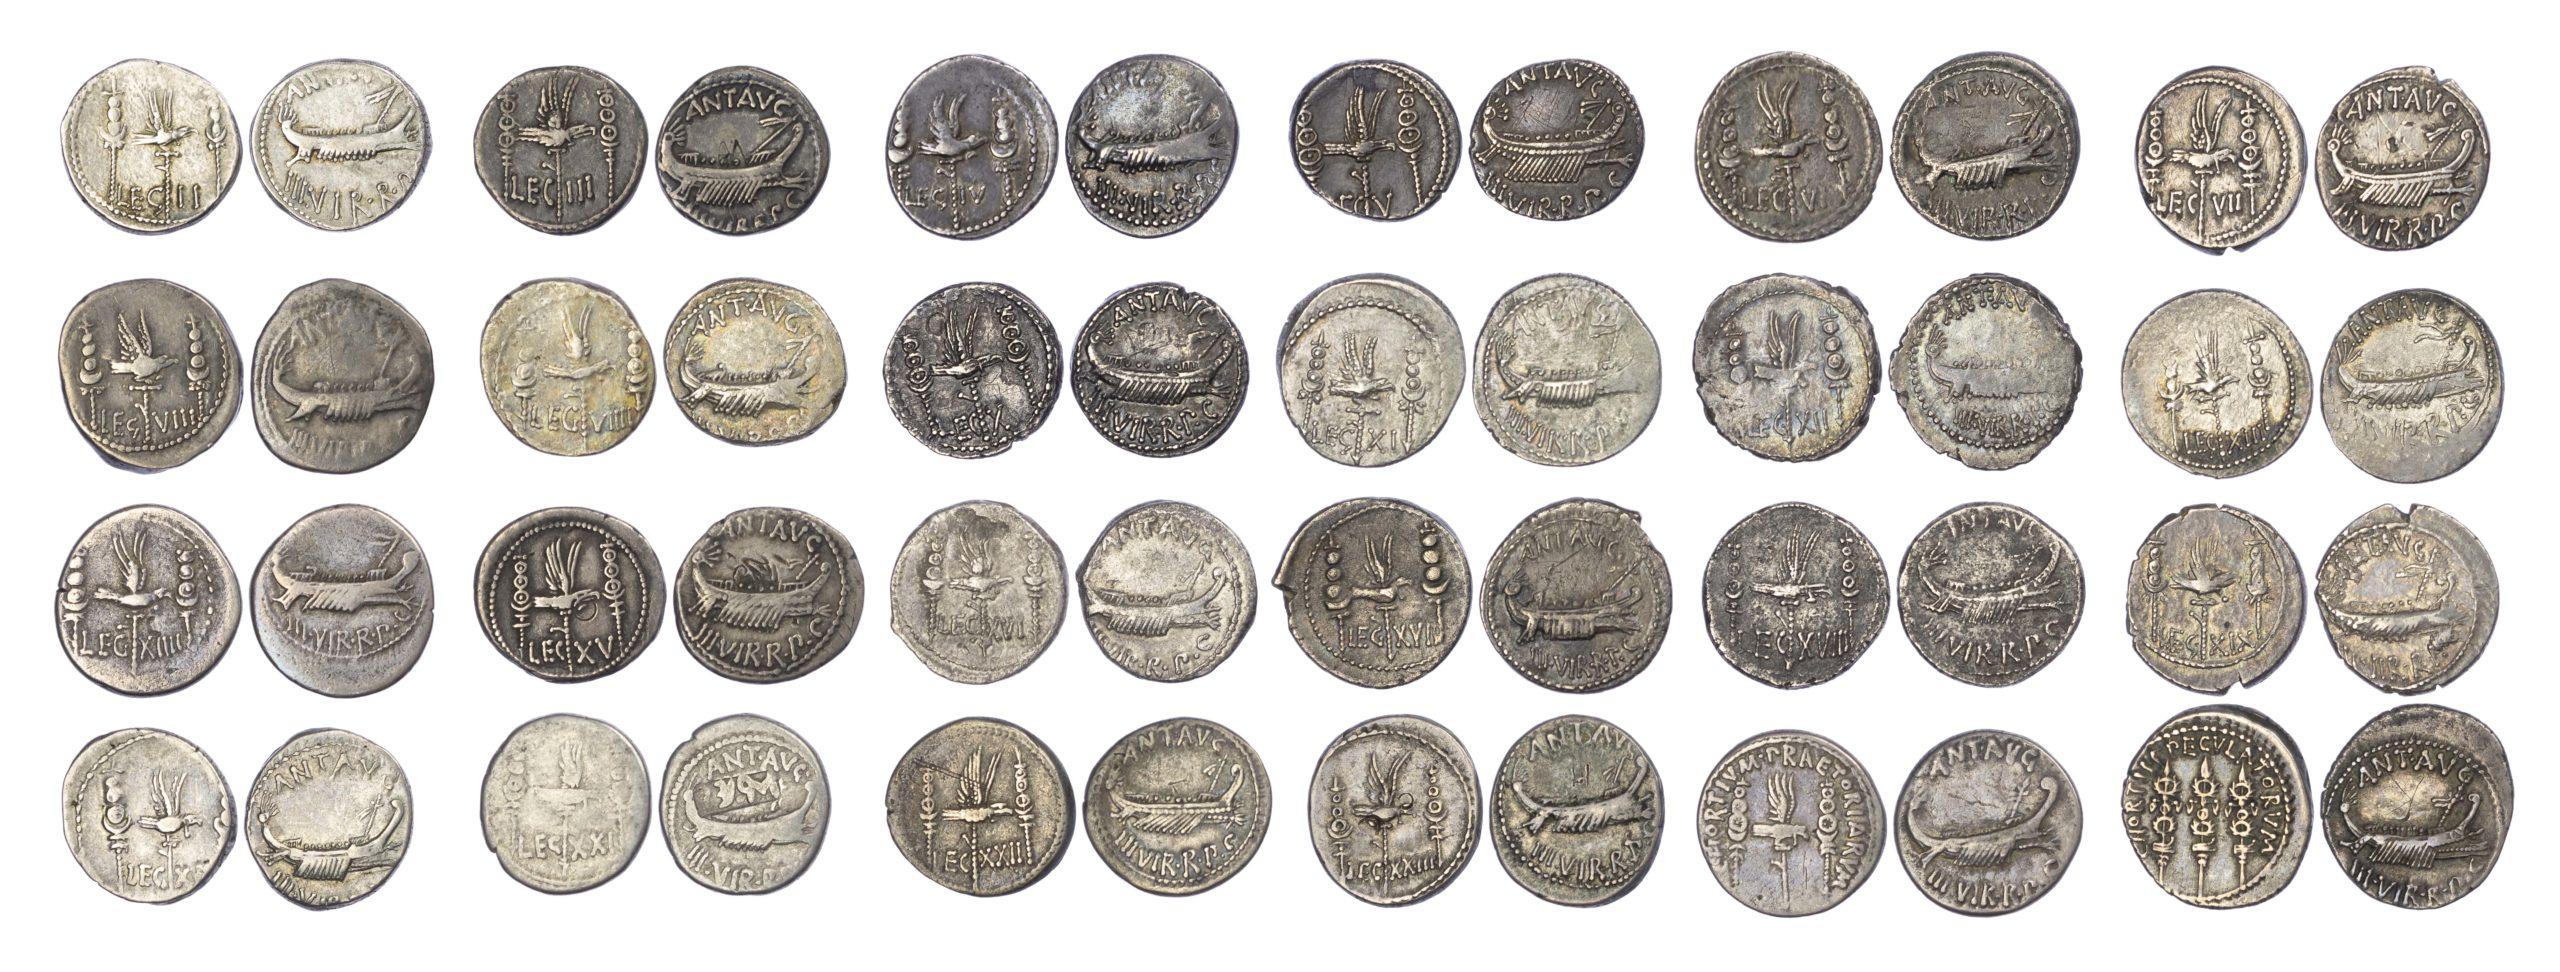 Mark Antony Legionary Denarius Collection (24 Coins)